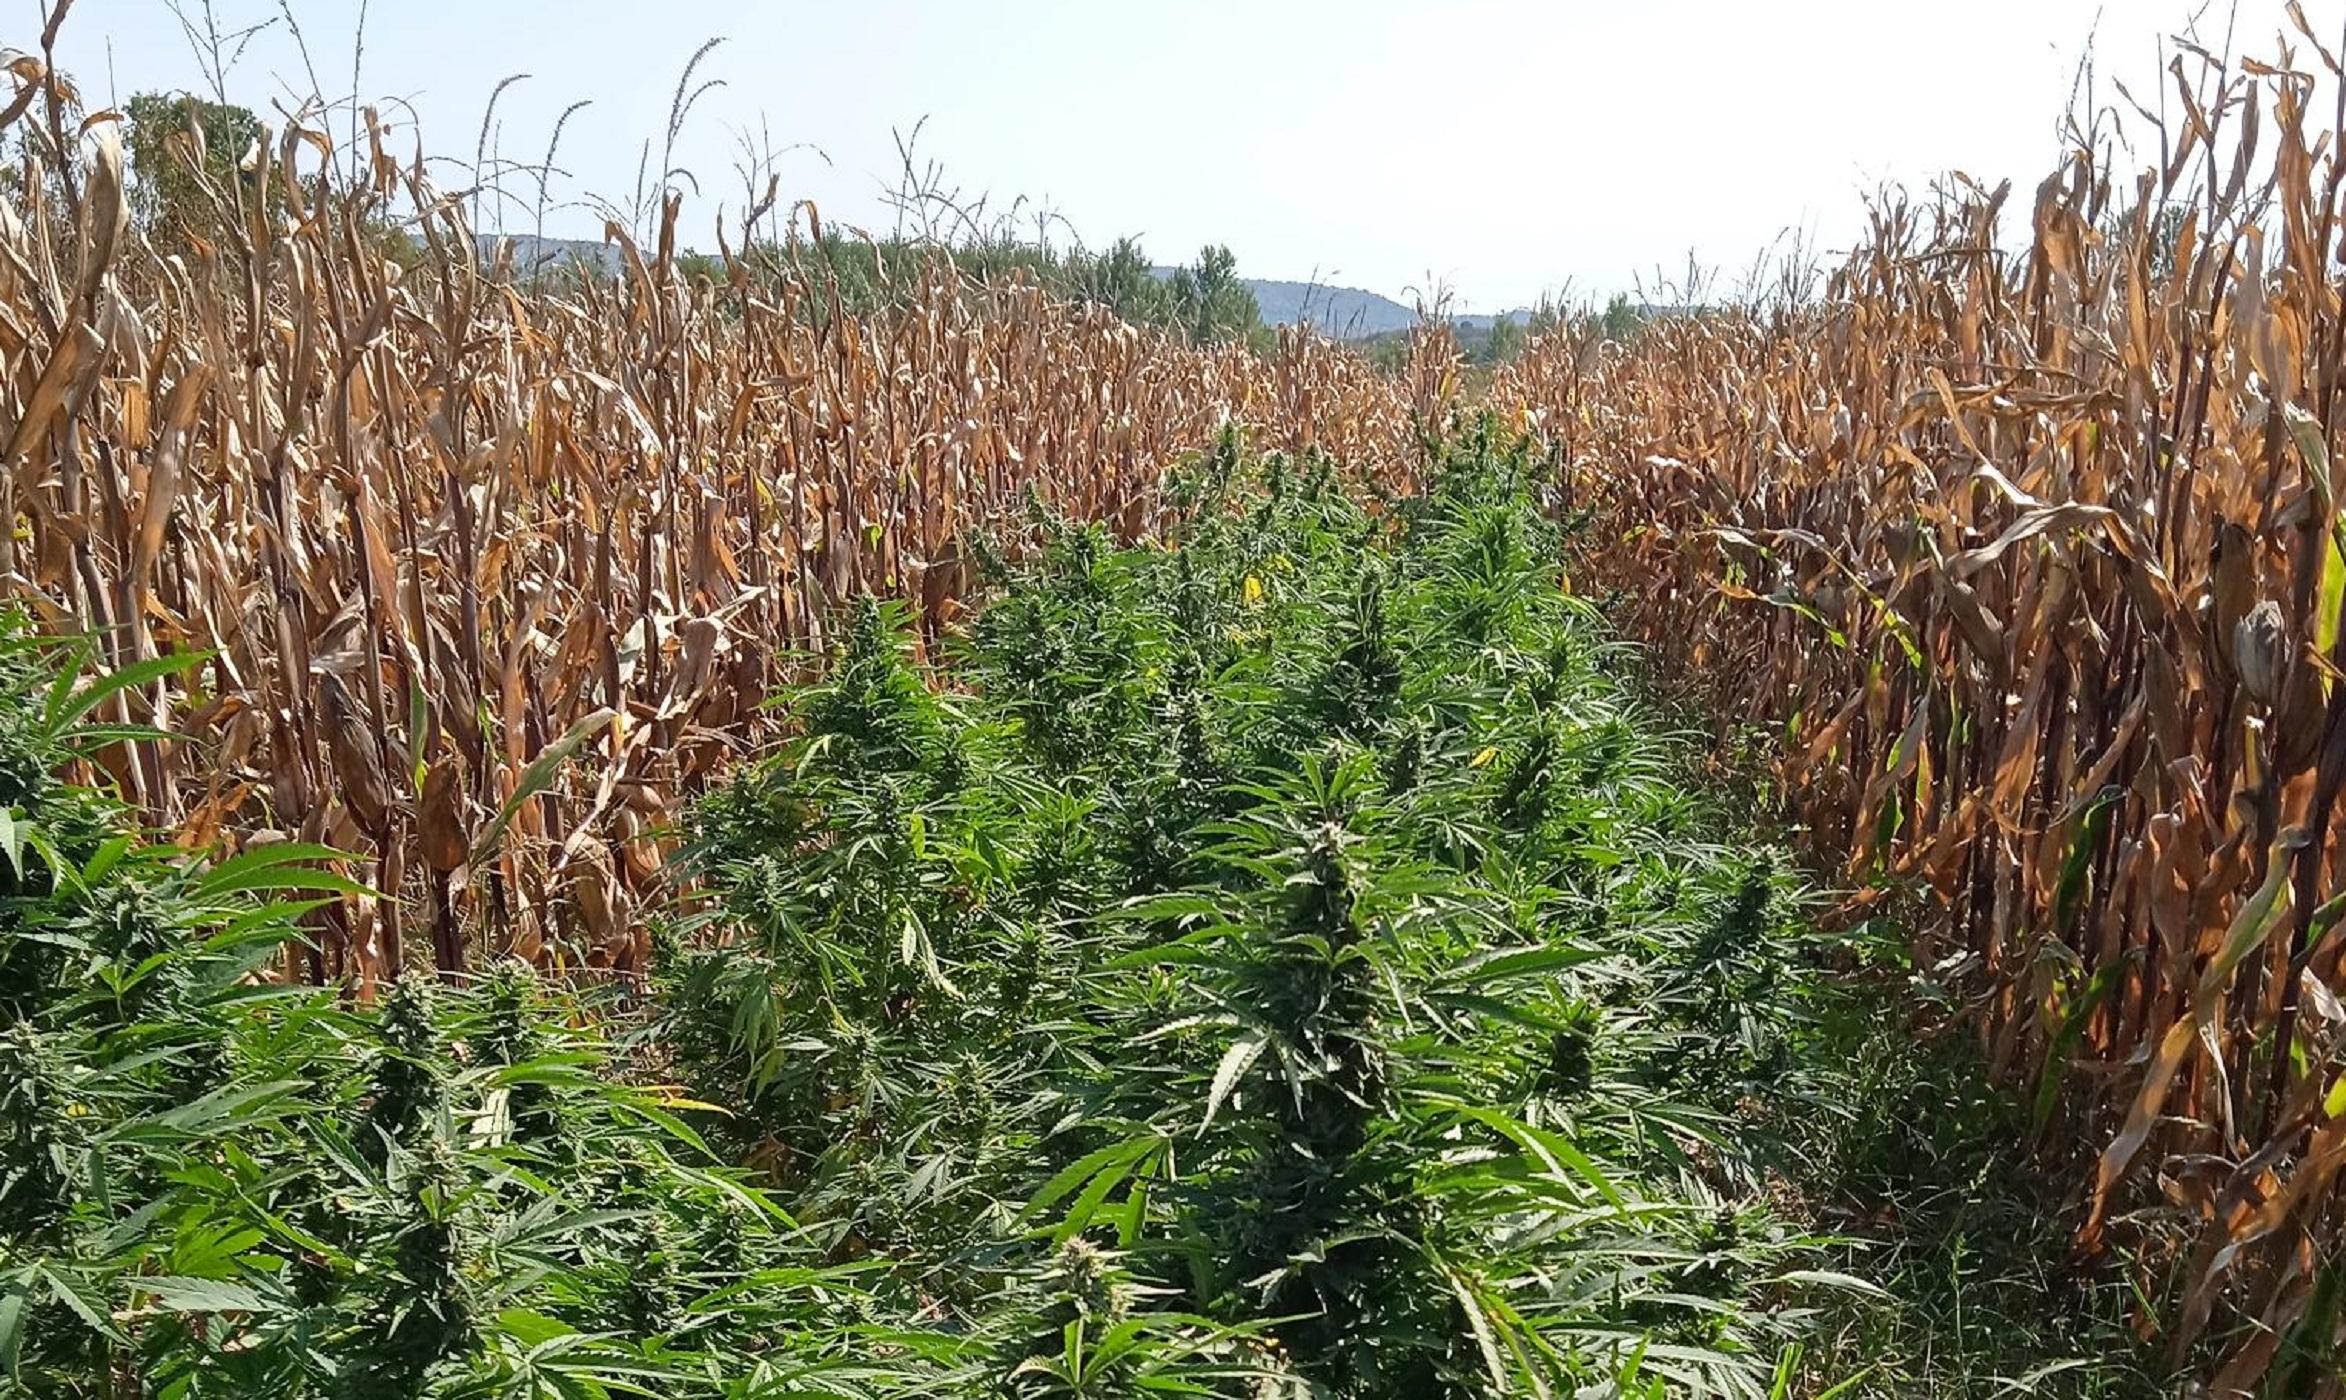 Πέλλα: Καλλιεργούσε χασίς σε ξένο χωράφι με καλαμπόκια